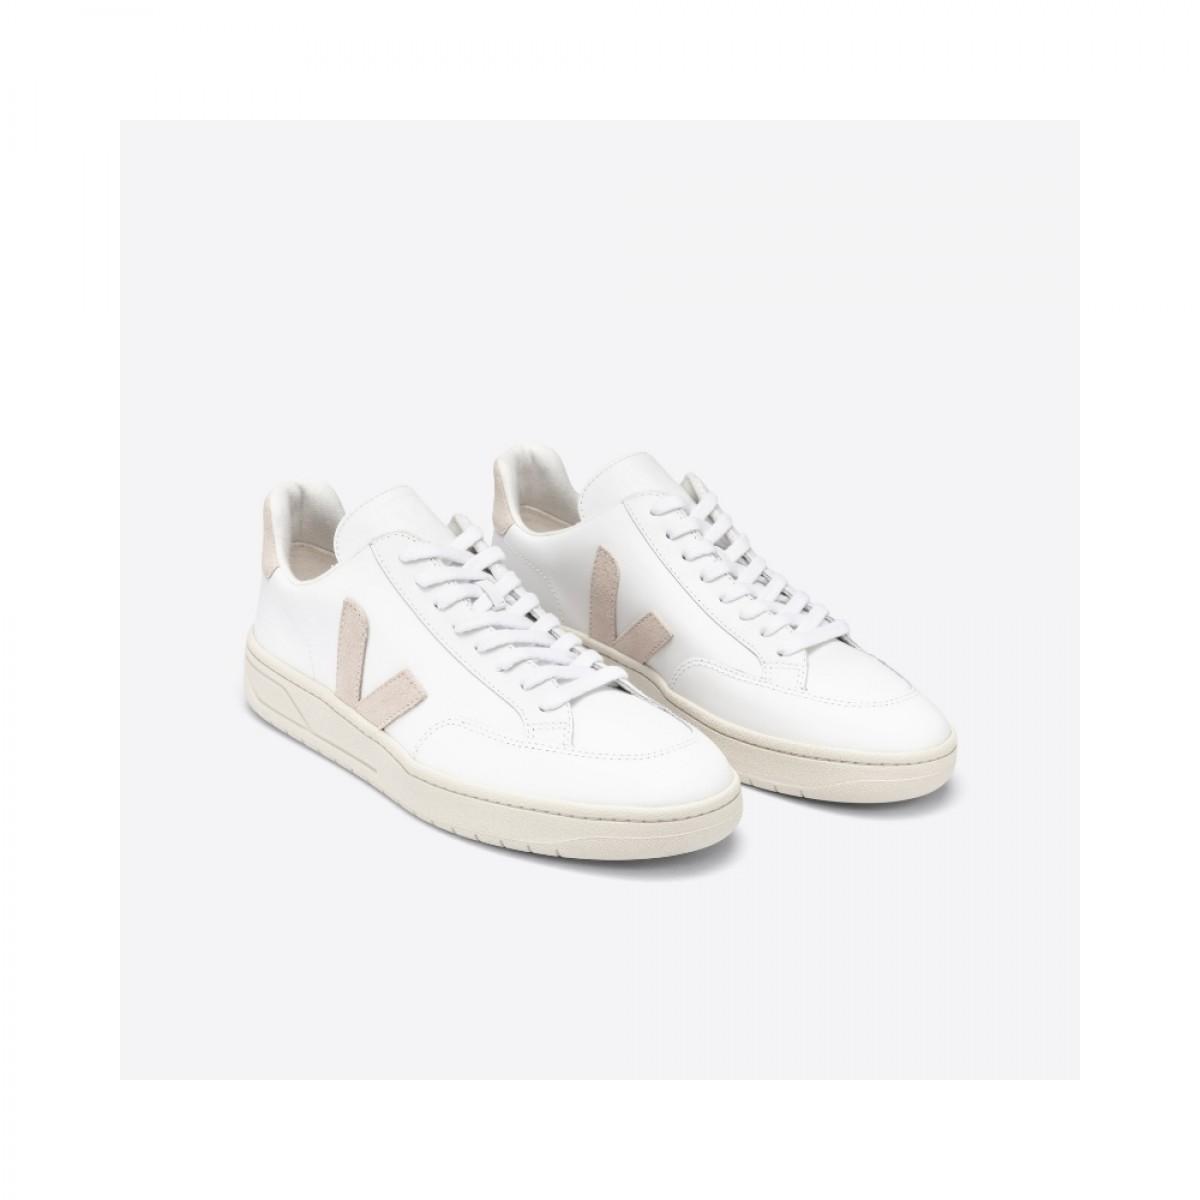 v-12 leather - white sable